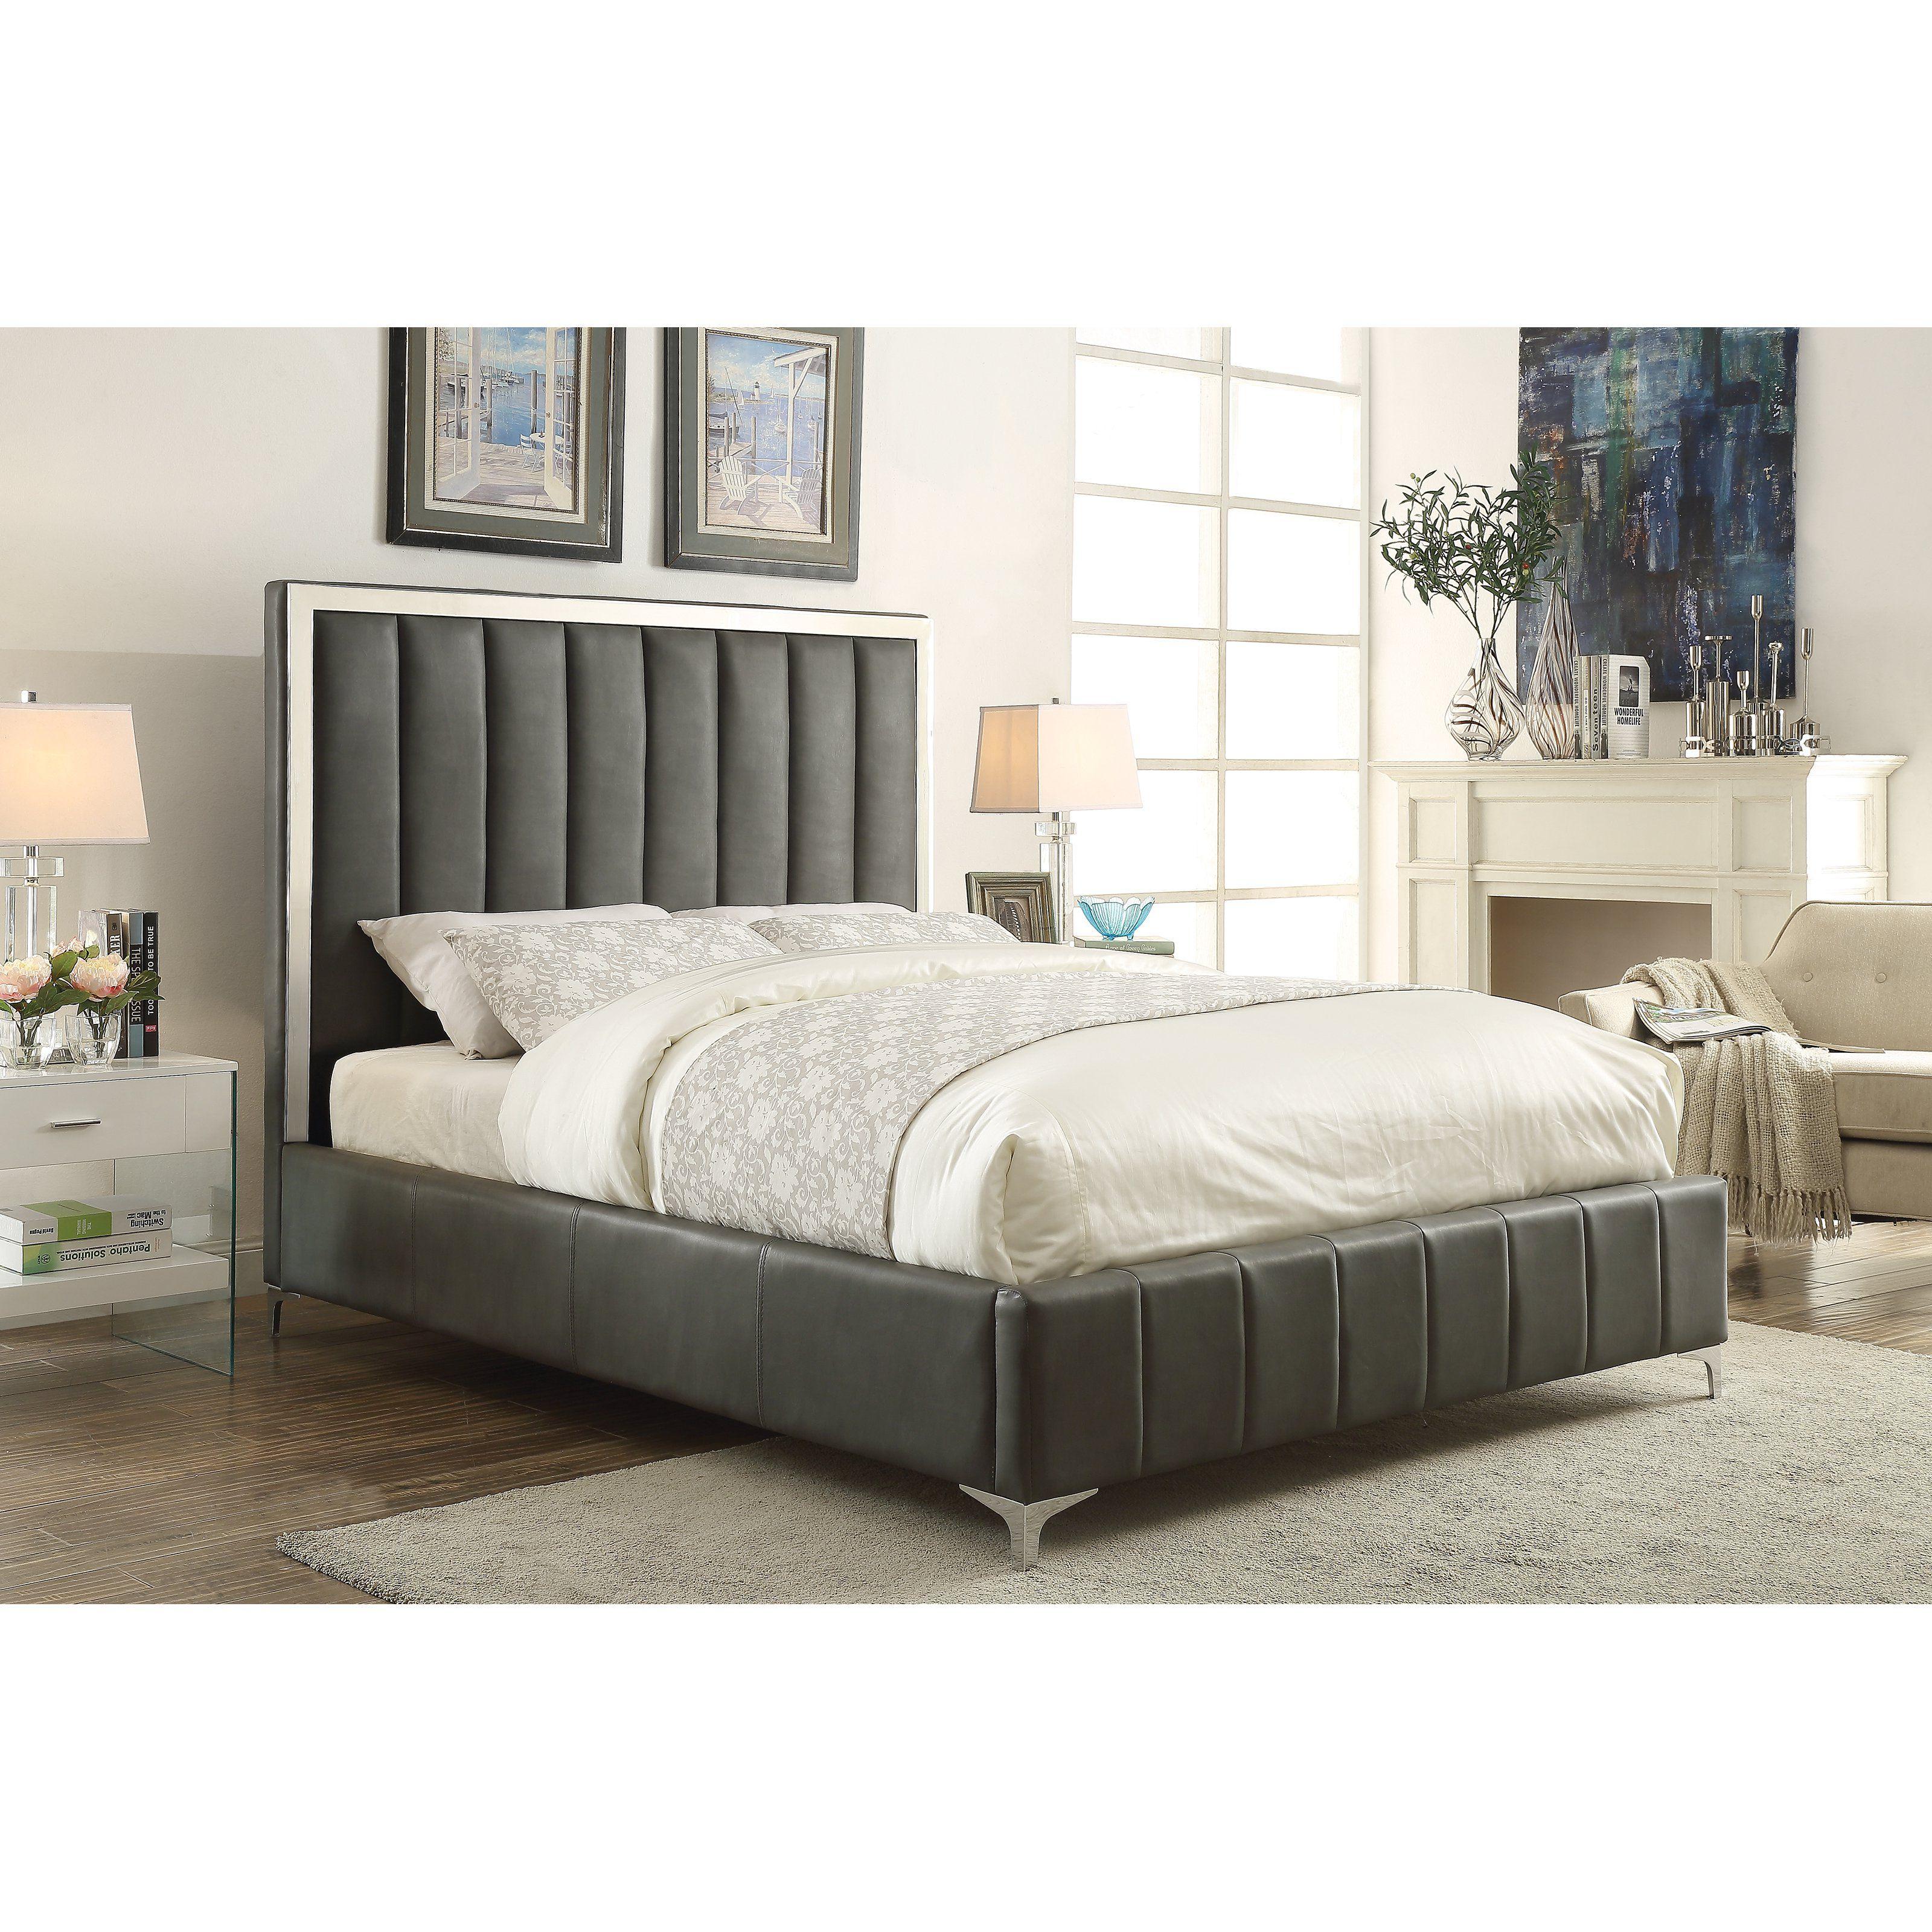 Coaster Furniture Jared Upholstered Bed From Hayneedle Com Cabeceras Living